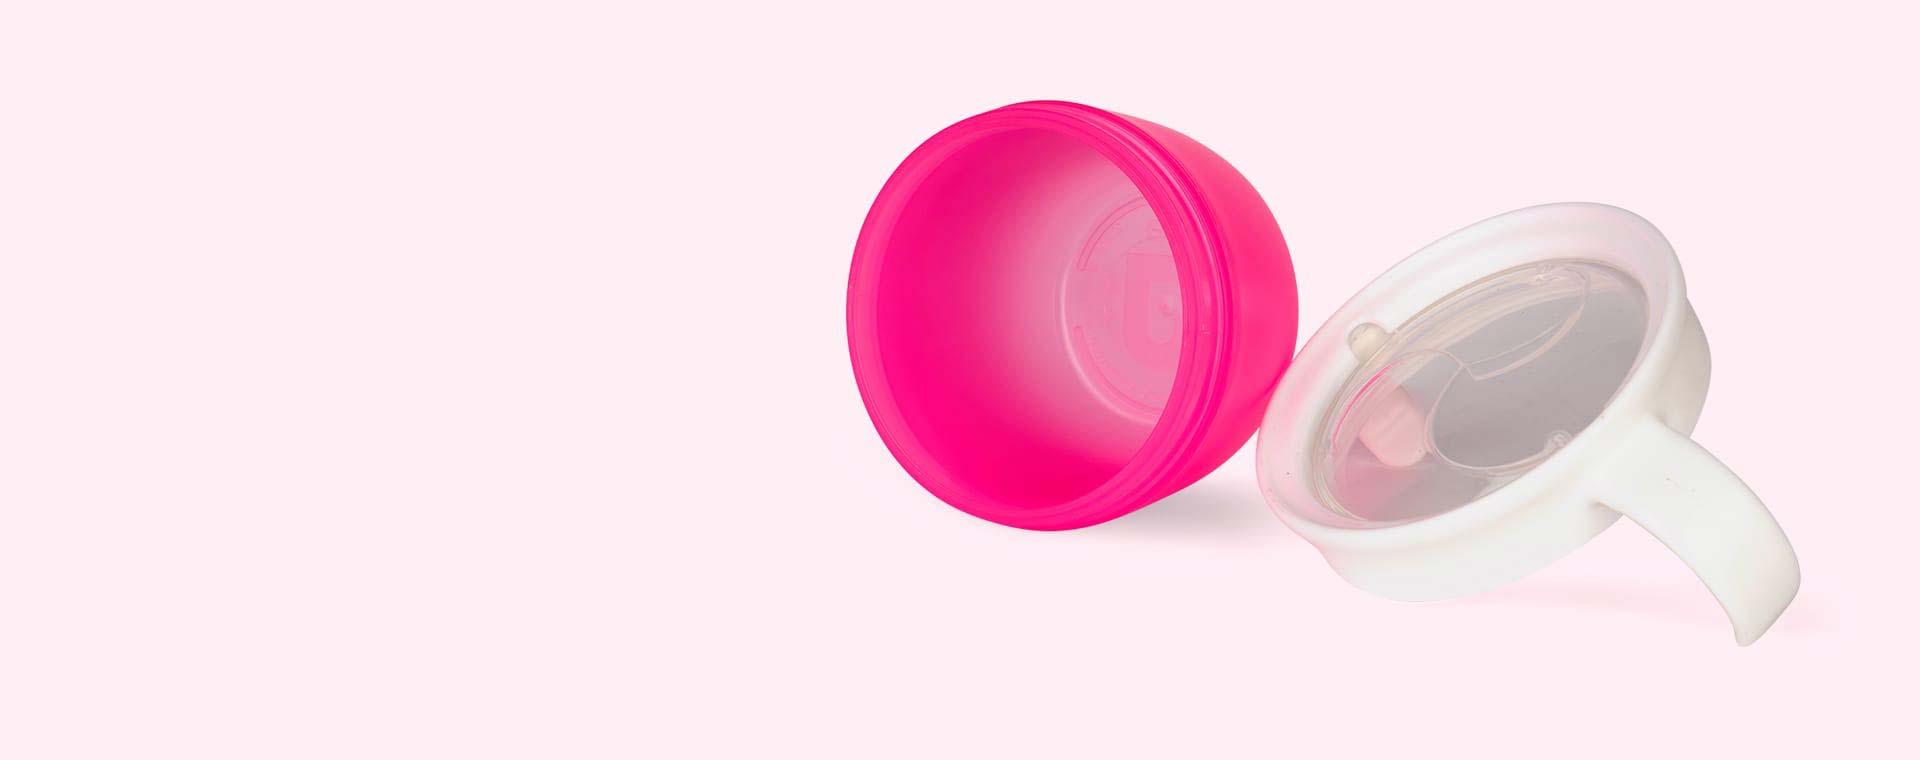 Pink Munchkin Click Lock Deluxe Snack Catcher